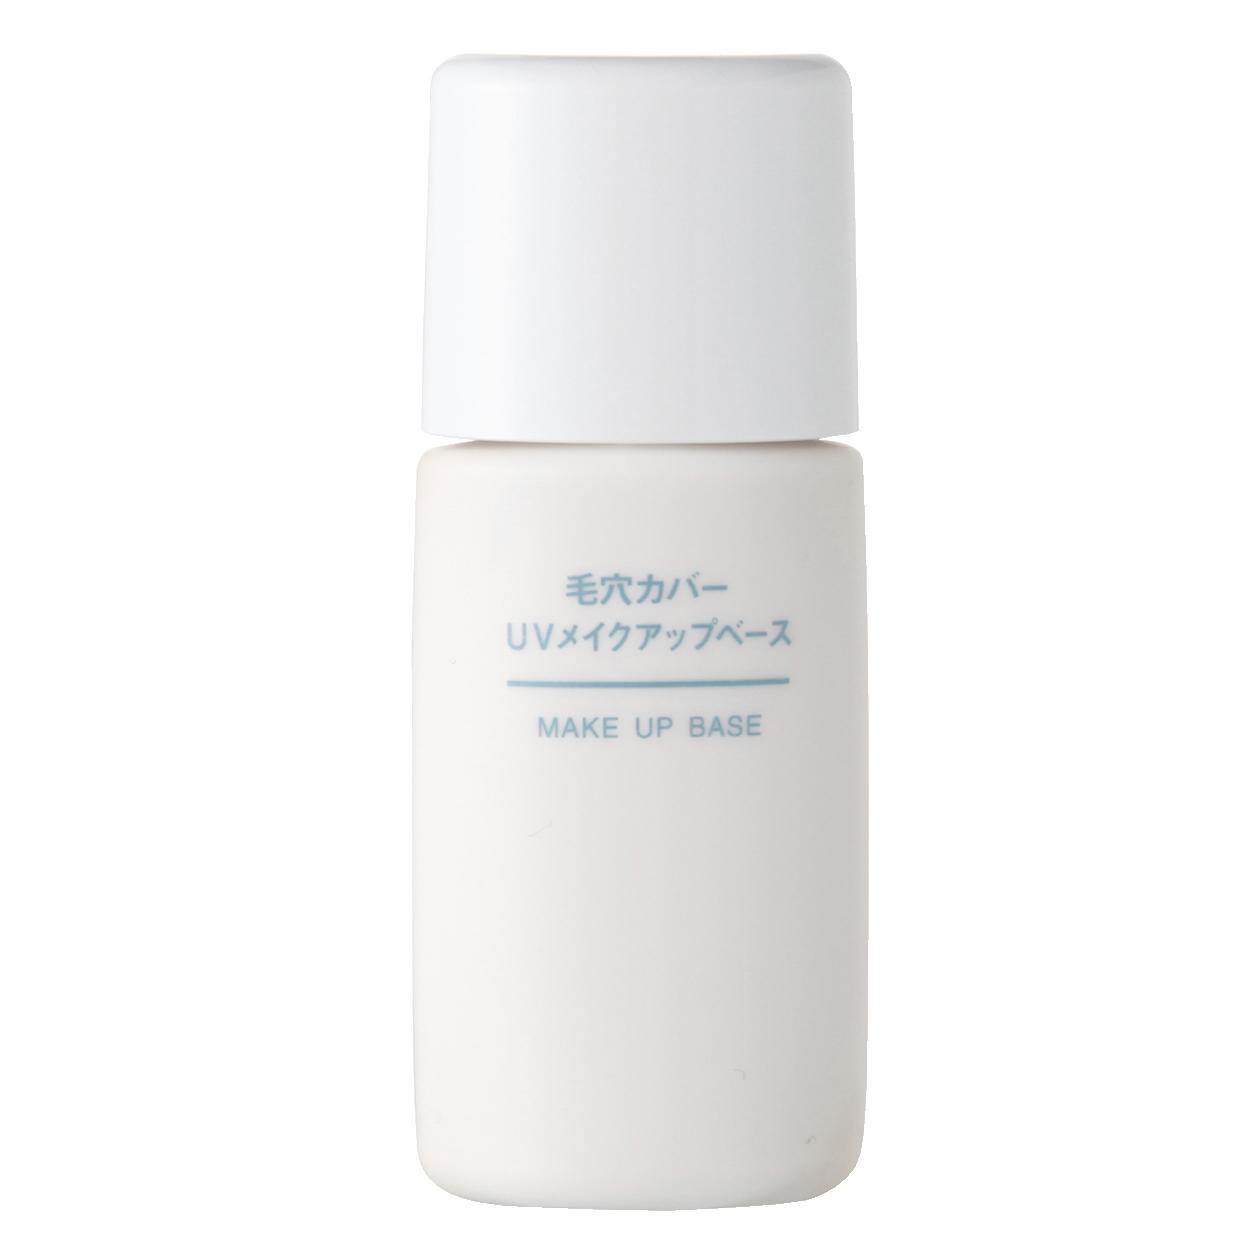 【無印良品】毛穴カバー UVメイクアップベース